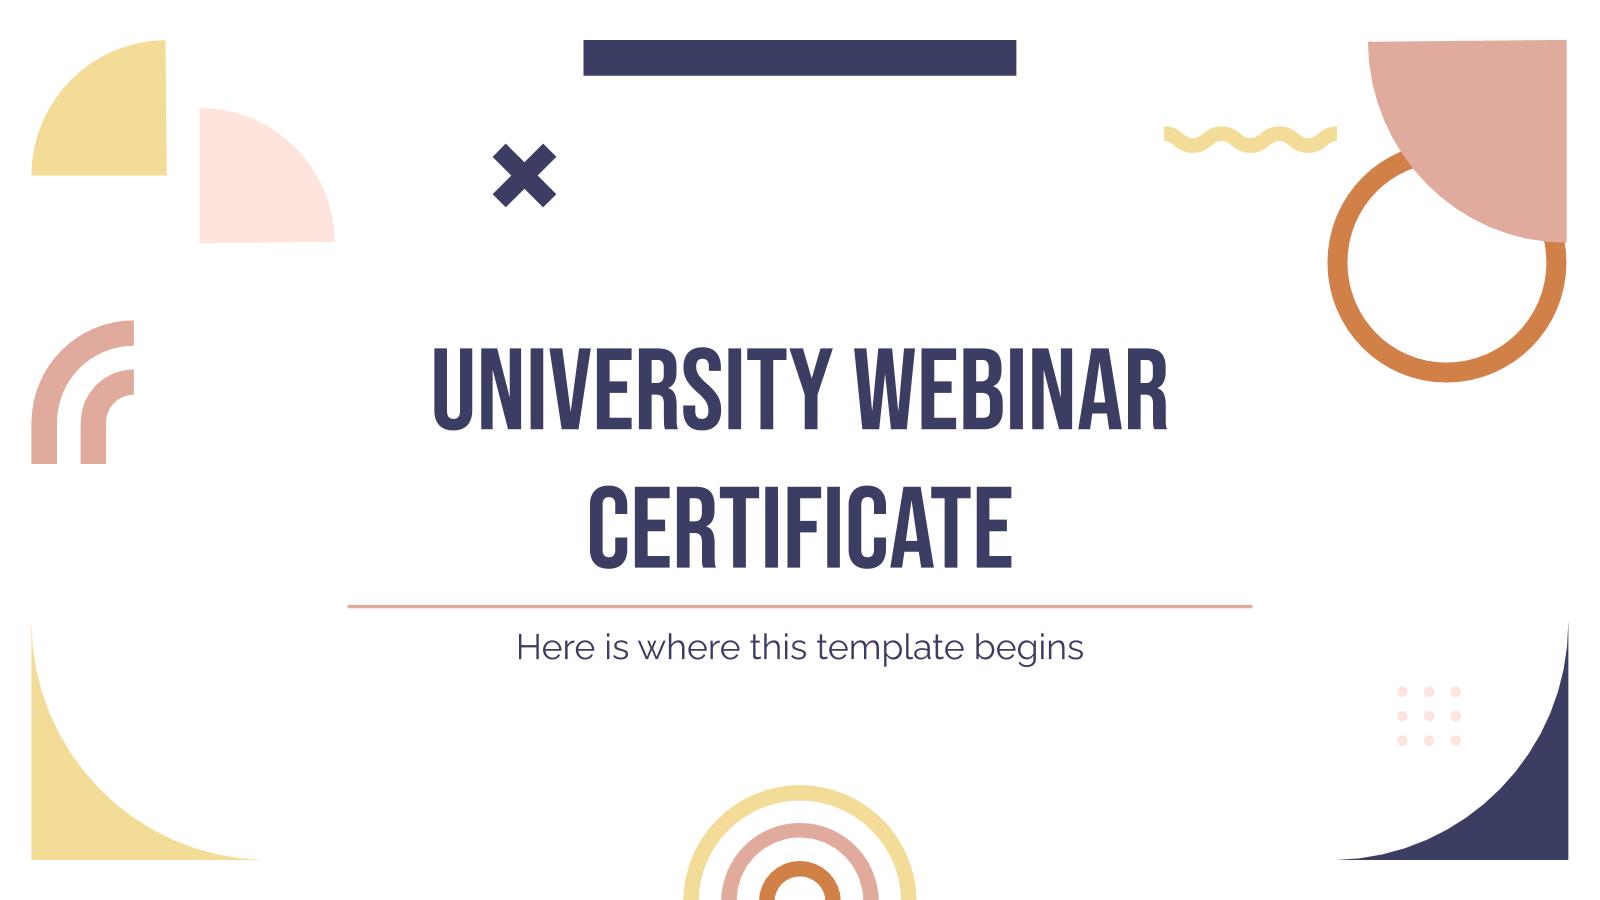 Certificat de webinaire universitaire : Modèles de présentation